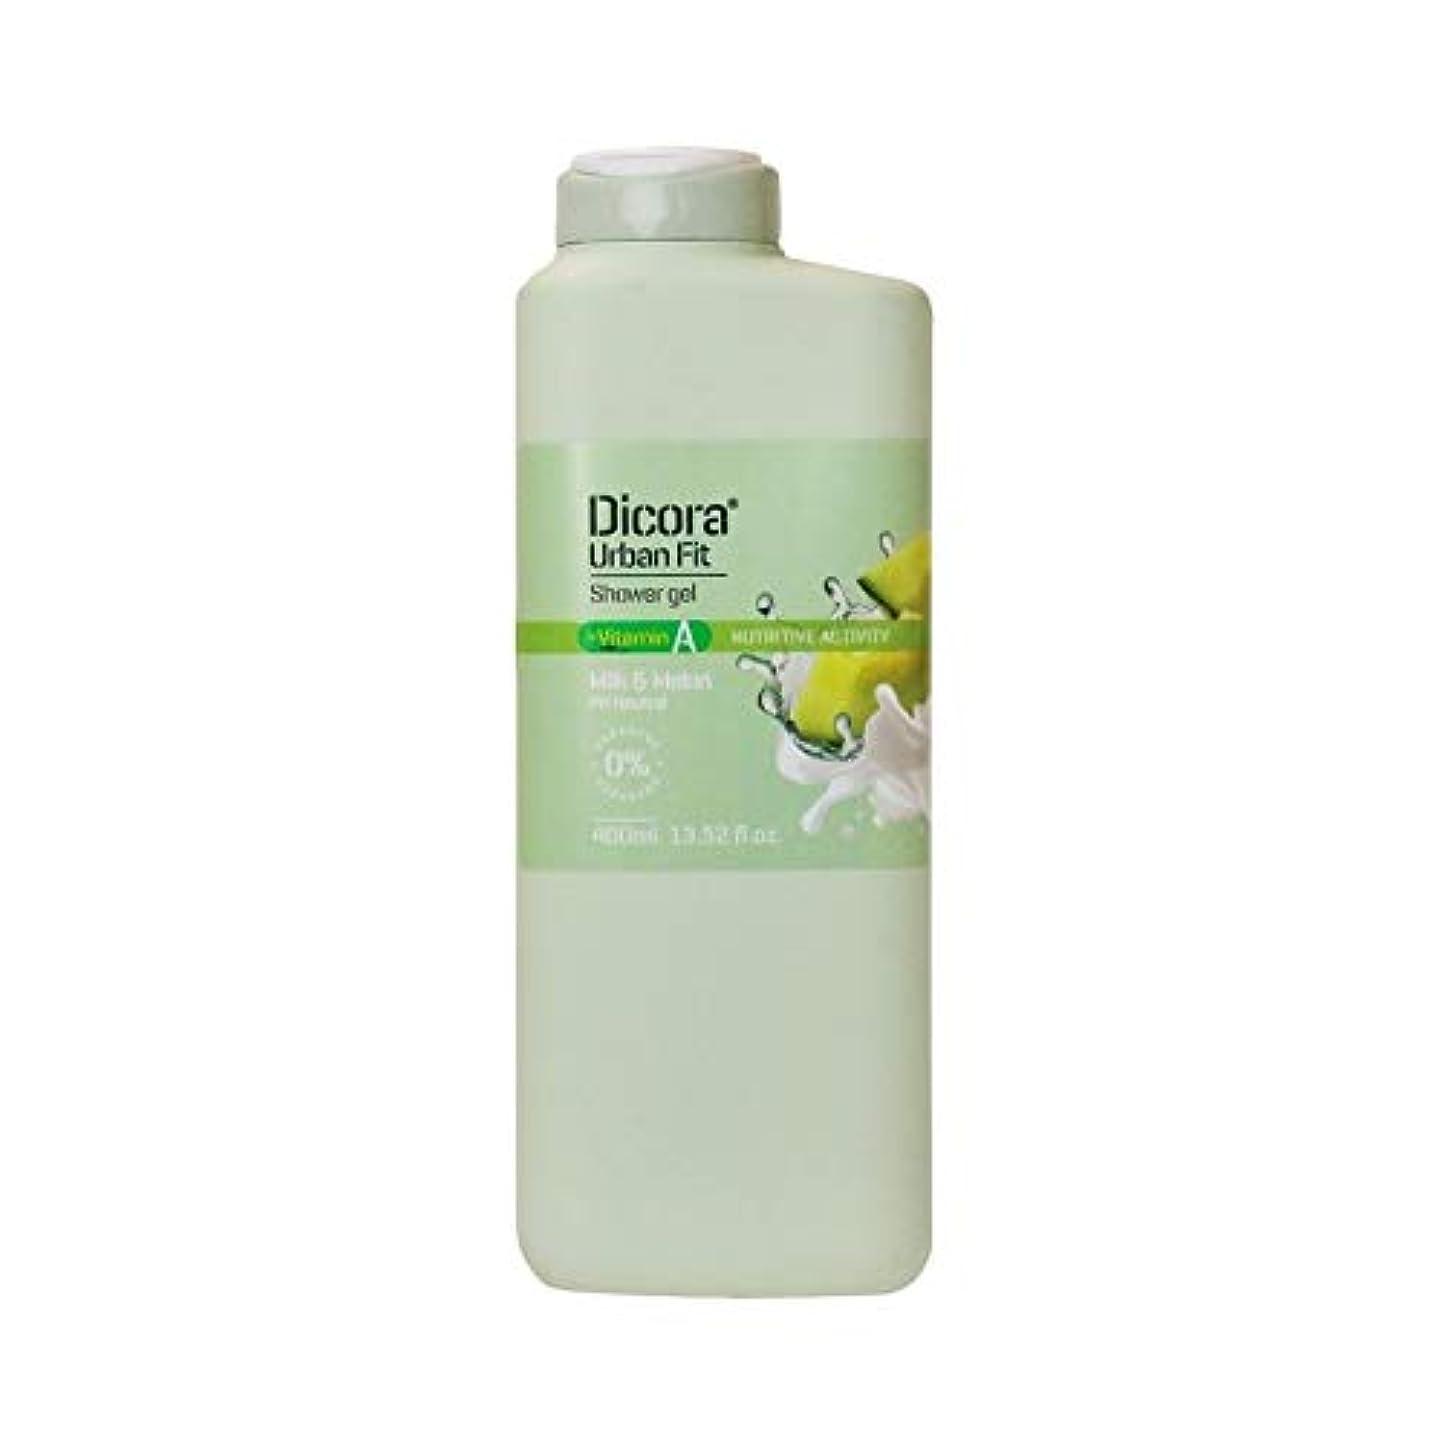 ペンス受取人配管工Dicora(ディコラ) ディコラ アーバンフィット シャワージェル MK&ML 400ml ボディソープ ミルク & メロンの香り